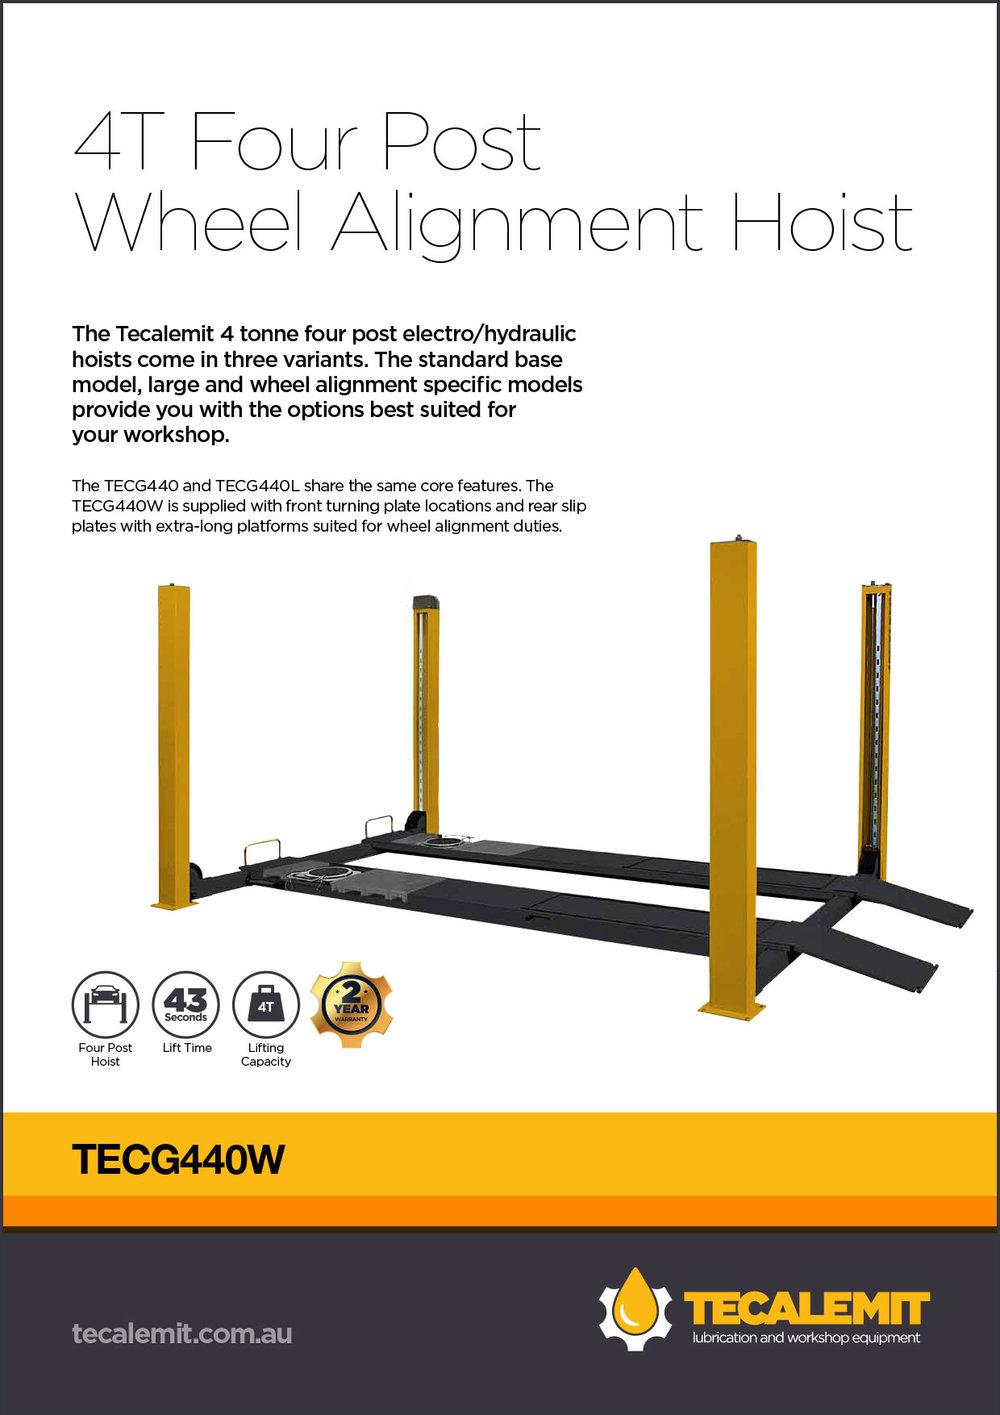 TECG440W Product Info